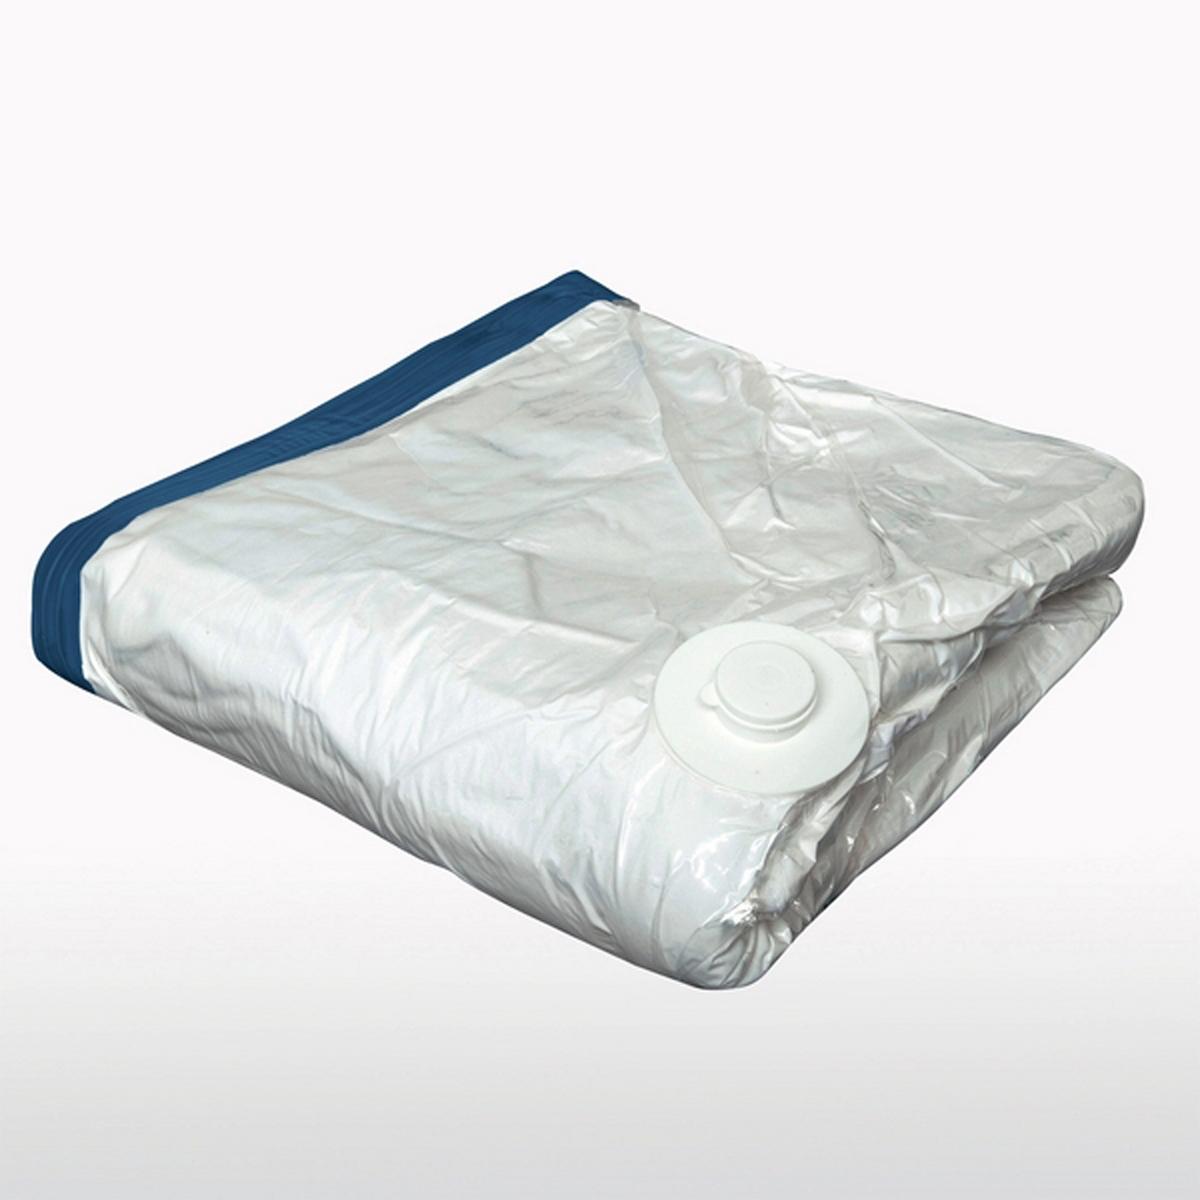 2 вакуумных чехла, Ш.90 x В.110 смХарактеристики чехла для подушек или лыжных комбинезонов :Из прозрачного пластика.Герметичный чехол, с обработкой от пыли.Описание чехла для подушек или лыжных комбинезонов :Вакуум создается пылесосом через клапан в верхней части чехла.Застежка на молнию.В комплекте защитный пластиковый чехол. Размеры :Ш.90 x В.110 см<br><br>Цвет: белый<br>Размер: единый размер